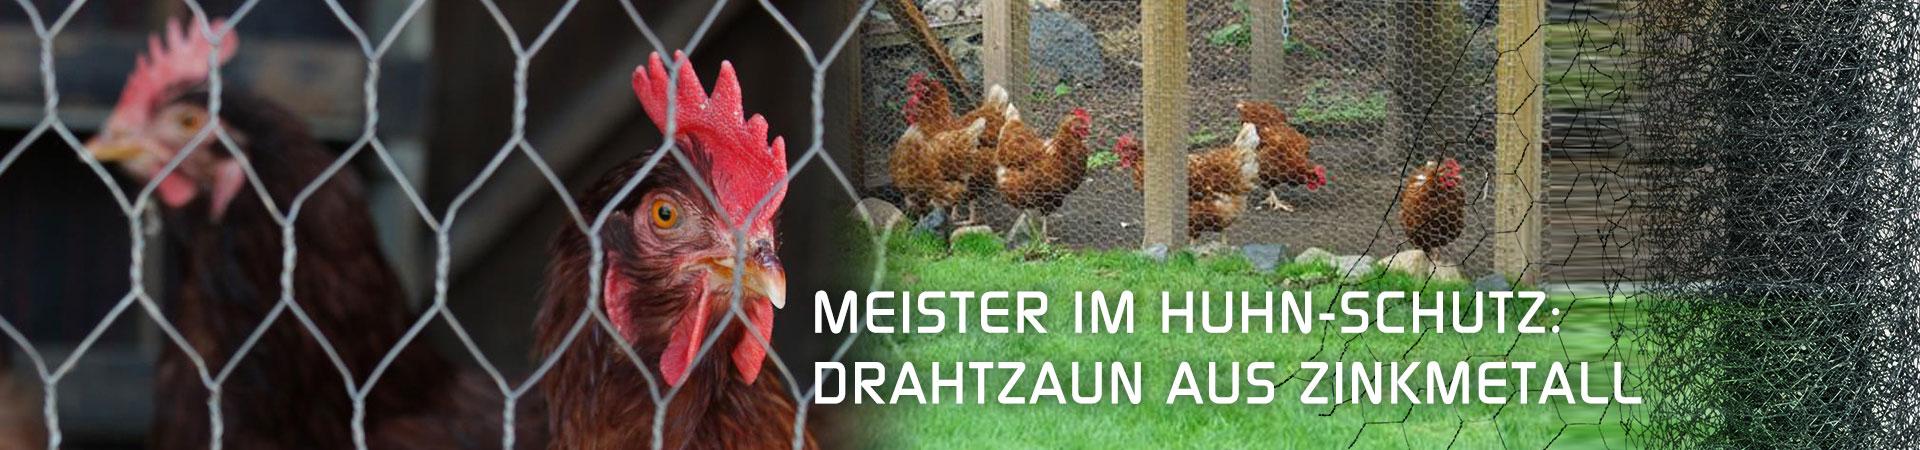 Hühner hinter Drahtzaun